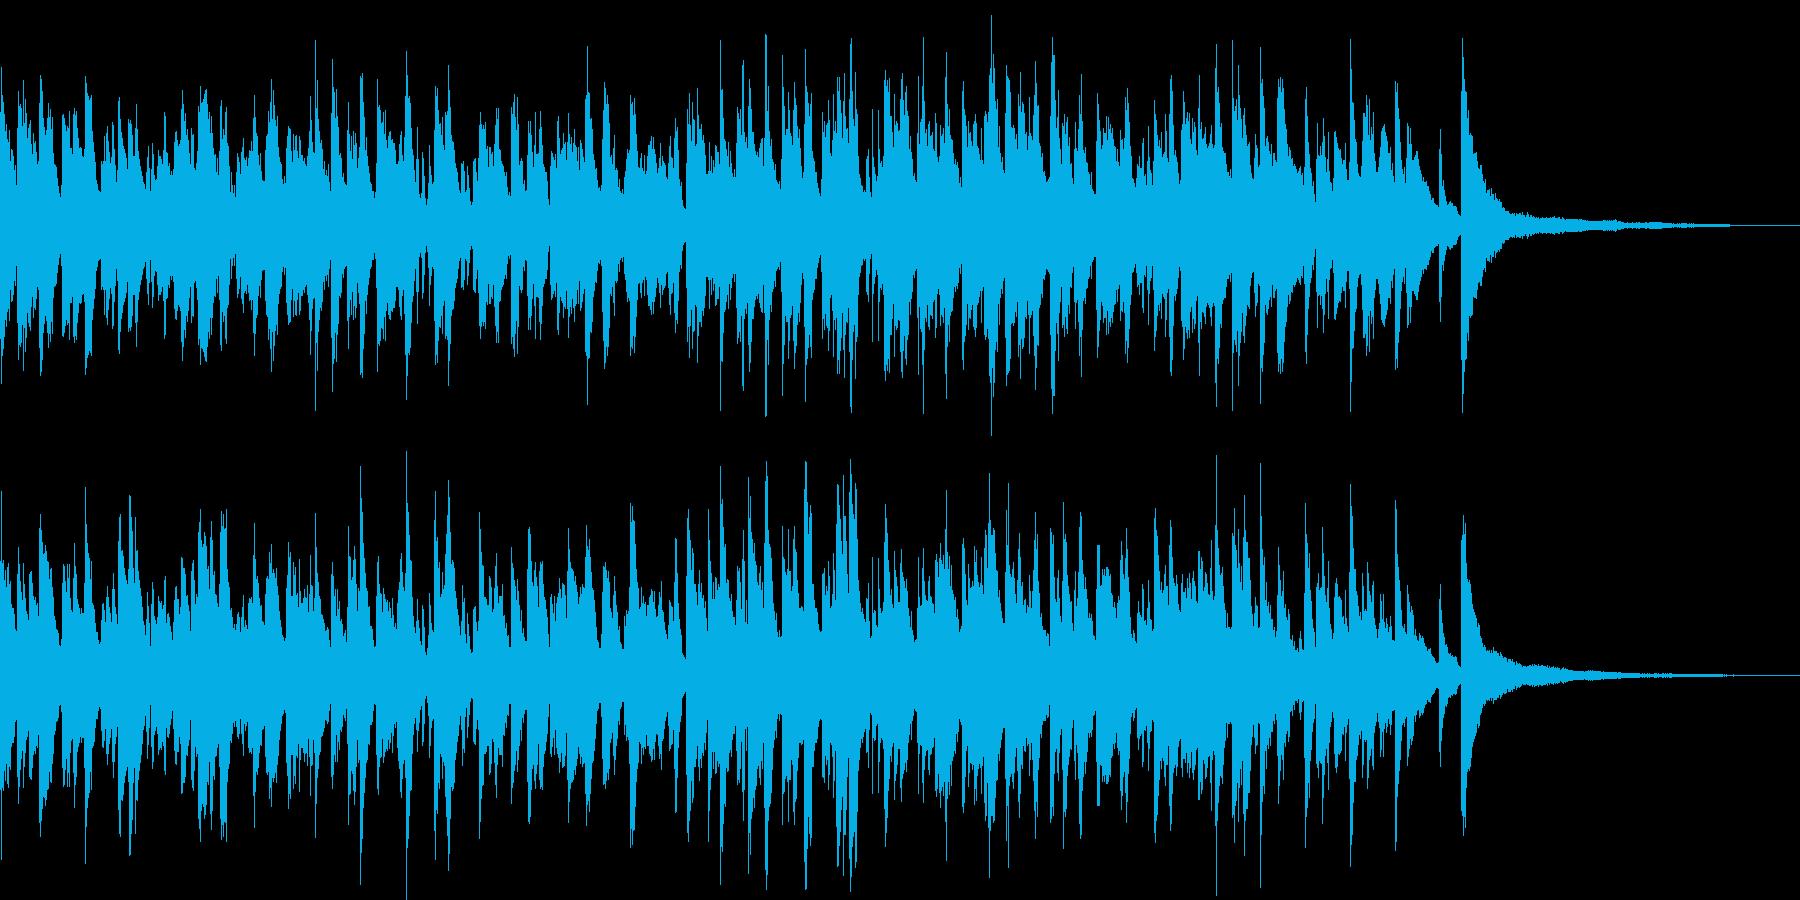 「いつか王子様が」ボサノバ/ピアノトリオの再生済みの波形